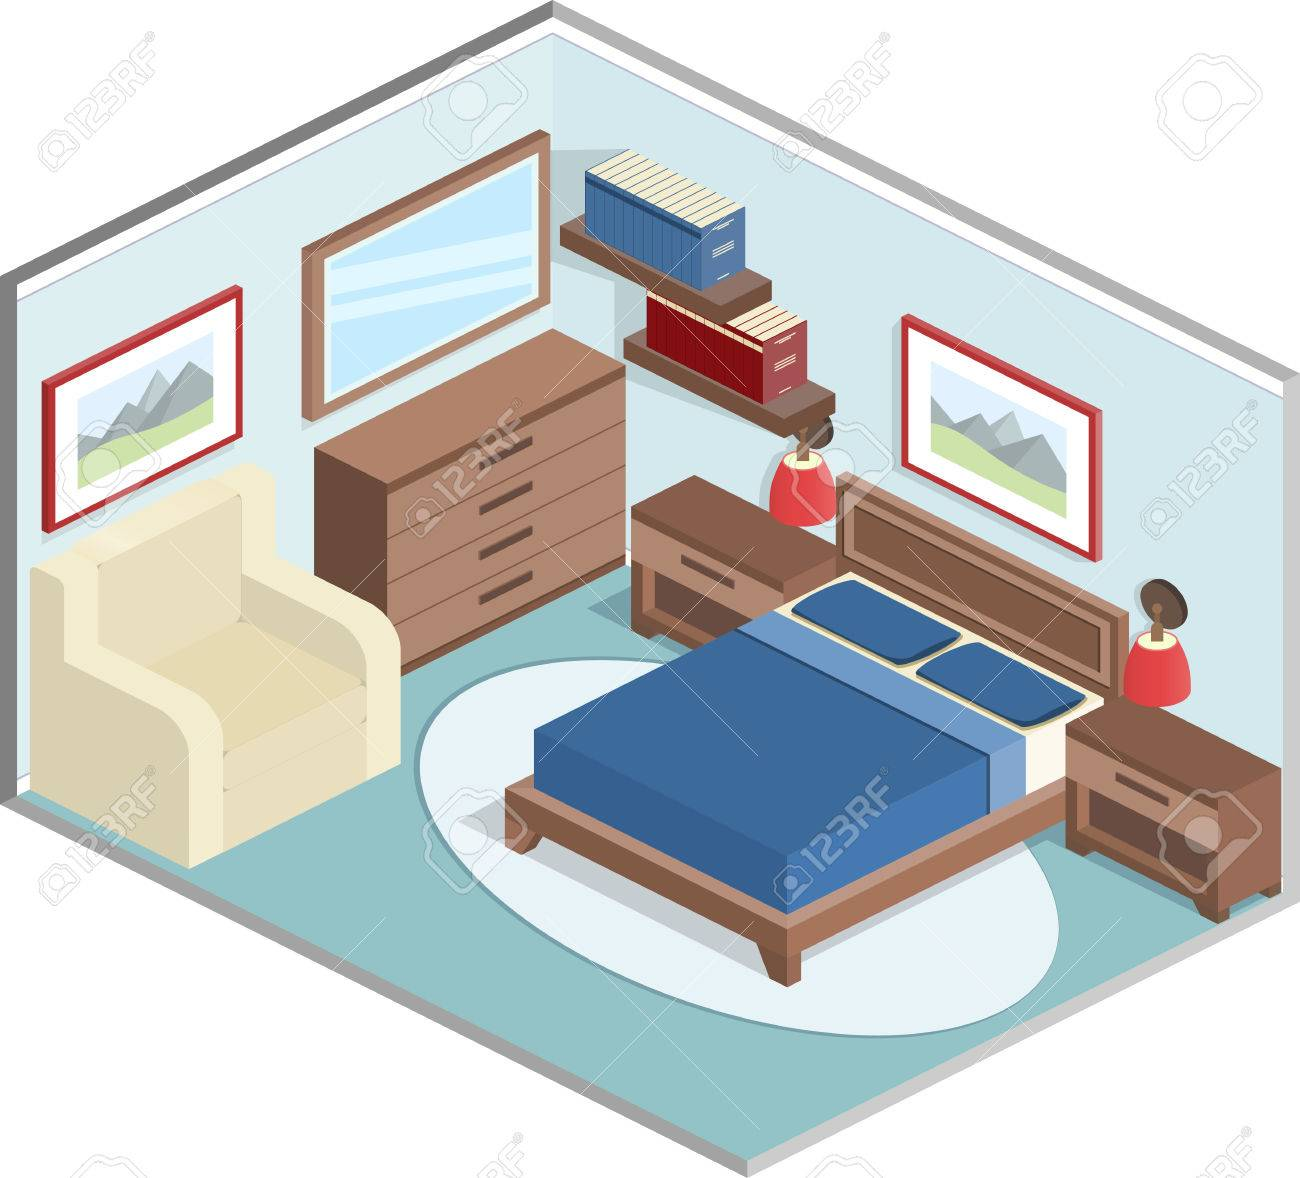 Modernes Design Der Gemütlichen Schlafzimmer Mit Möbeln. Interior In  Kubisch Stil In Blau Und